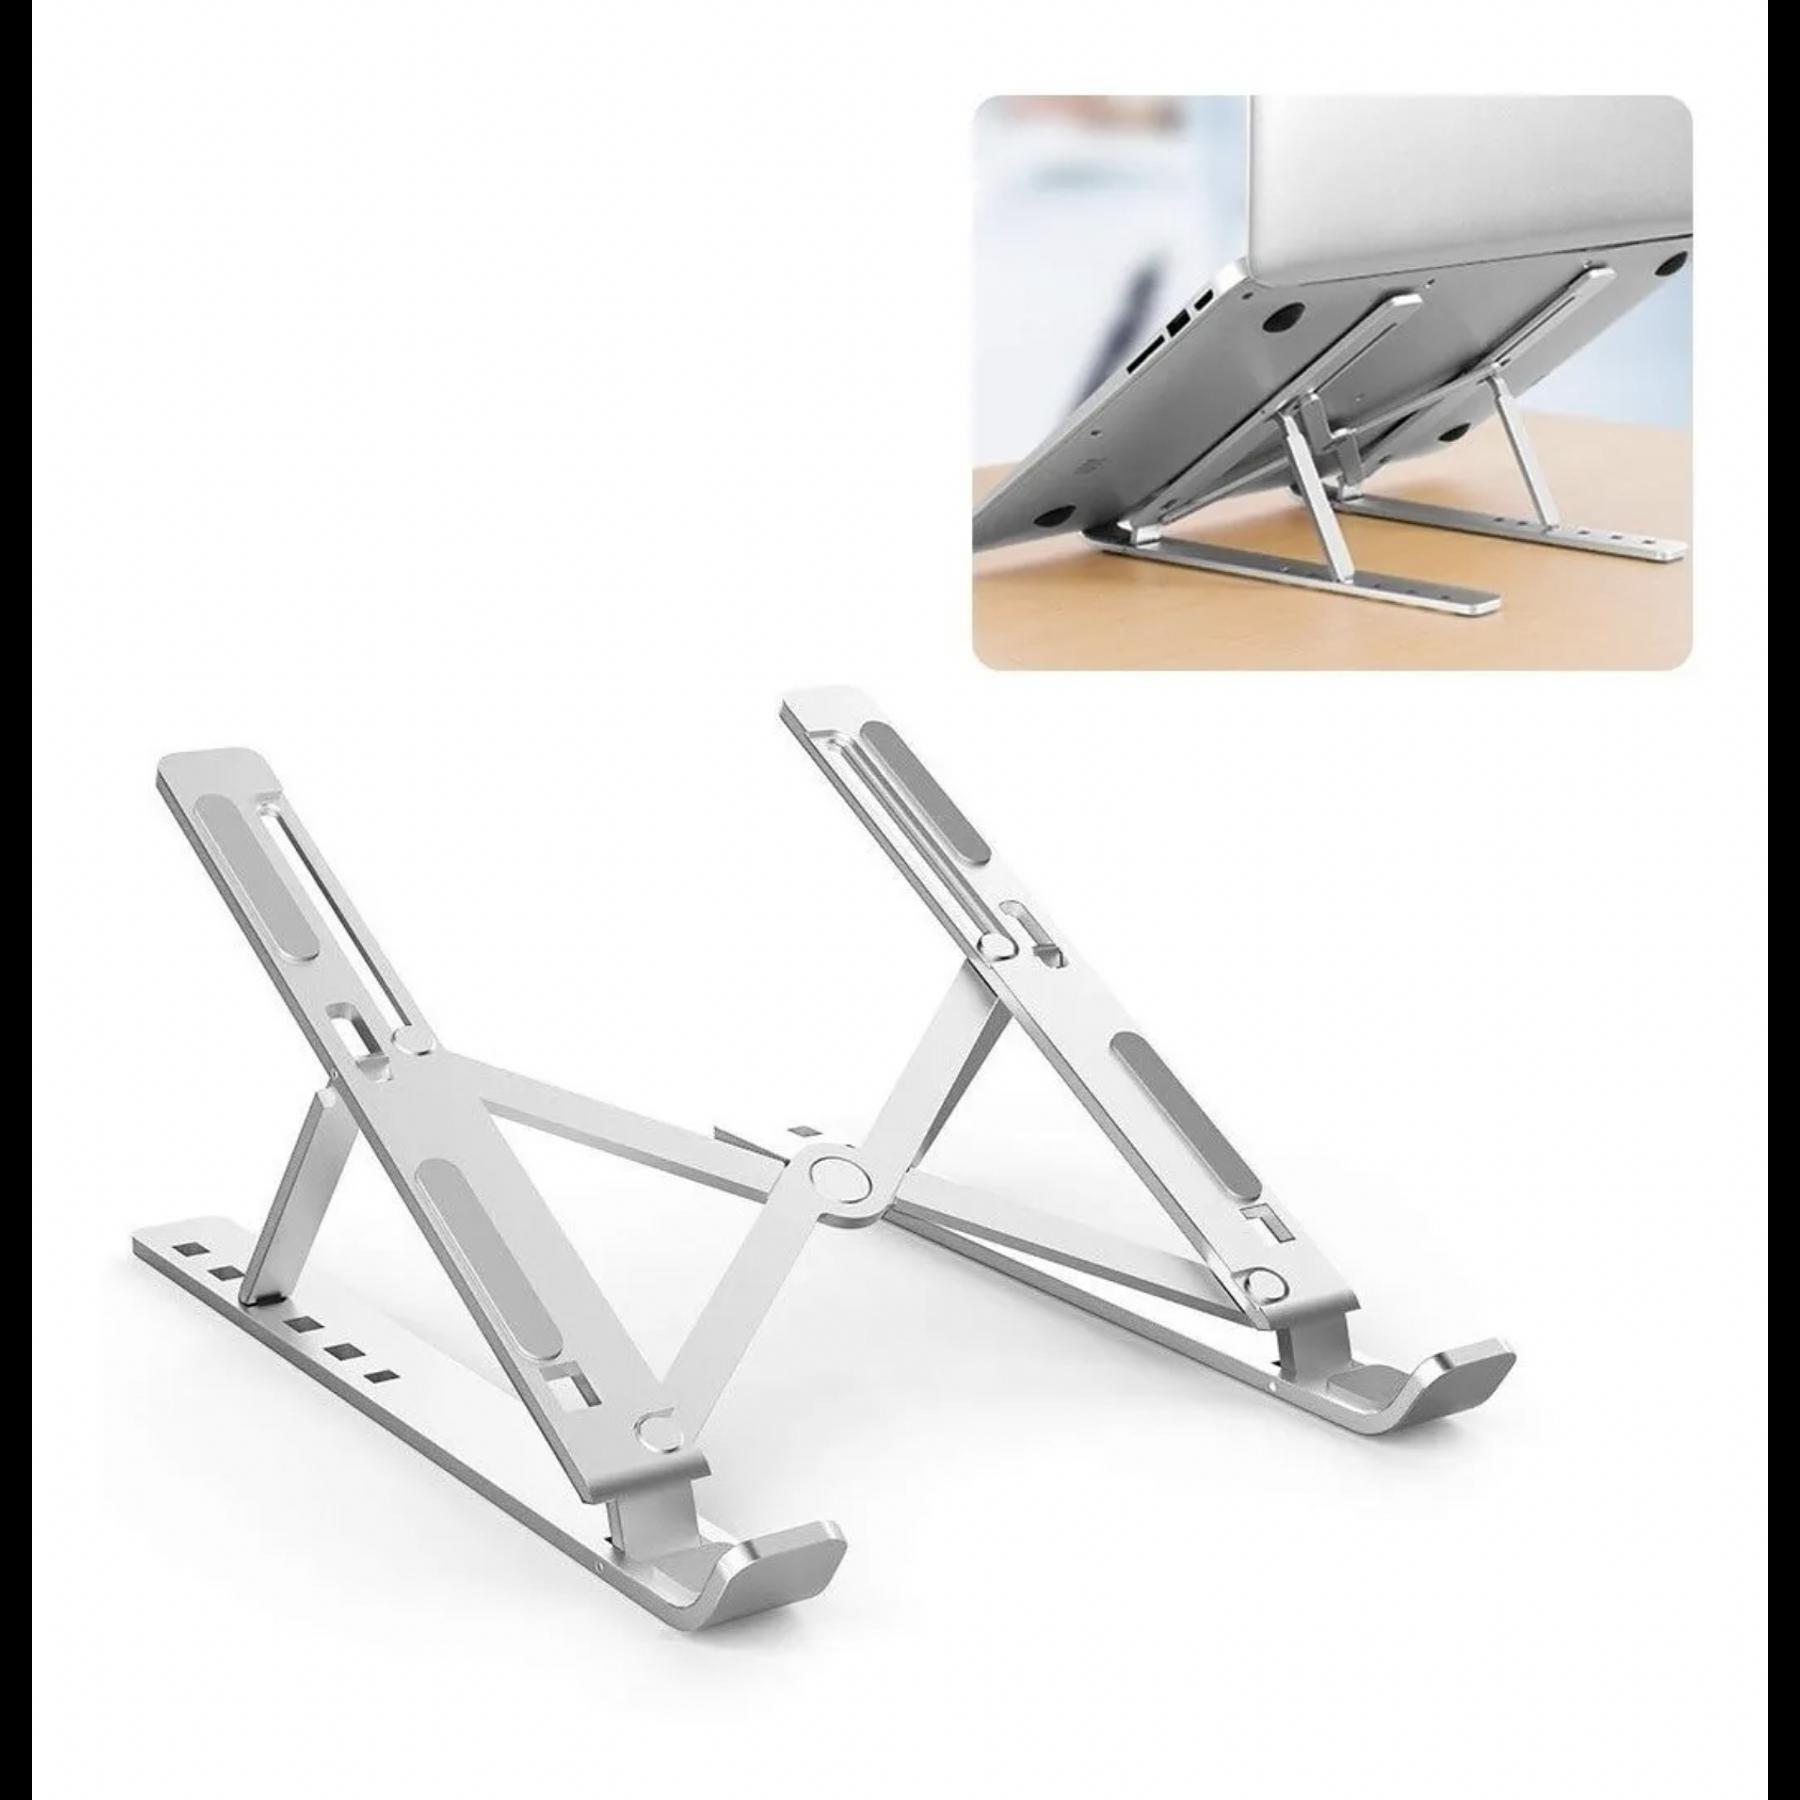 Soporte Elevador para Notebook, iPad, Tablet - Base Plegable